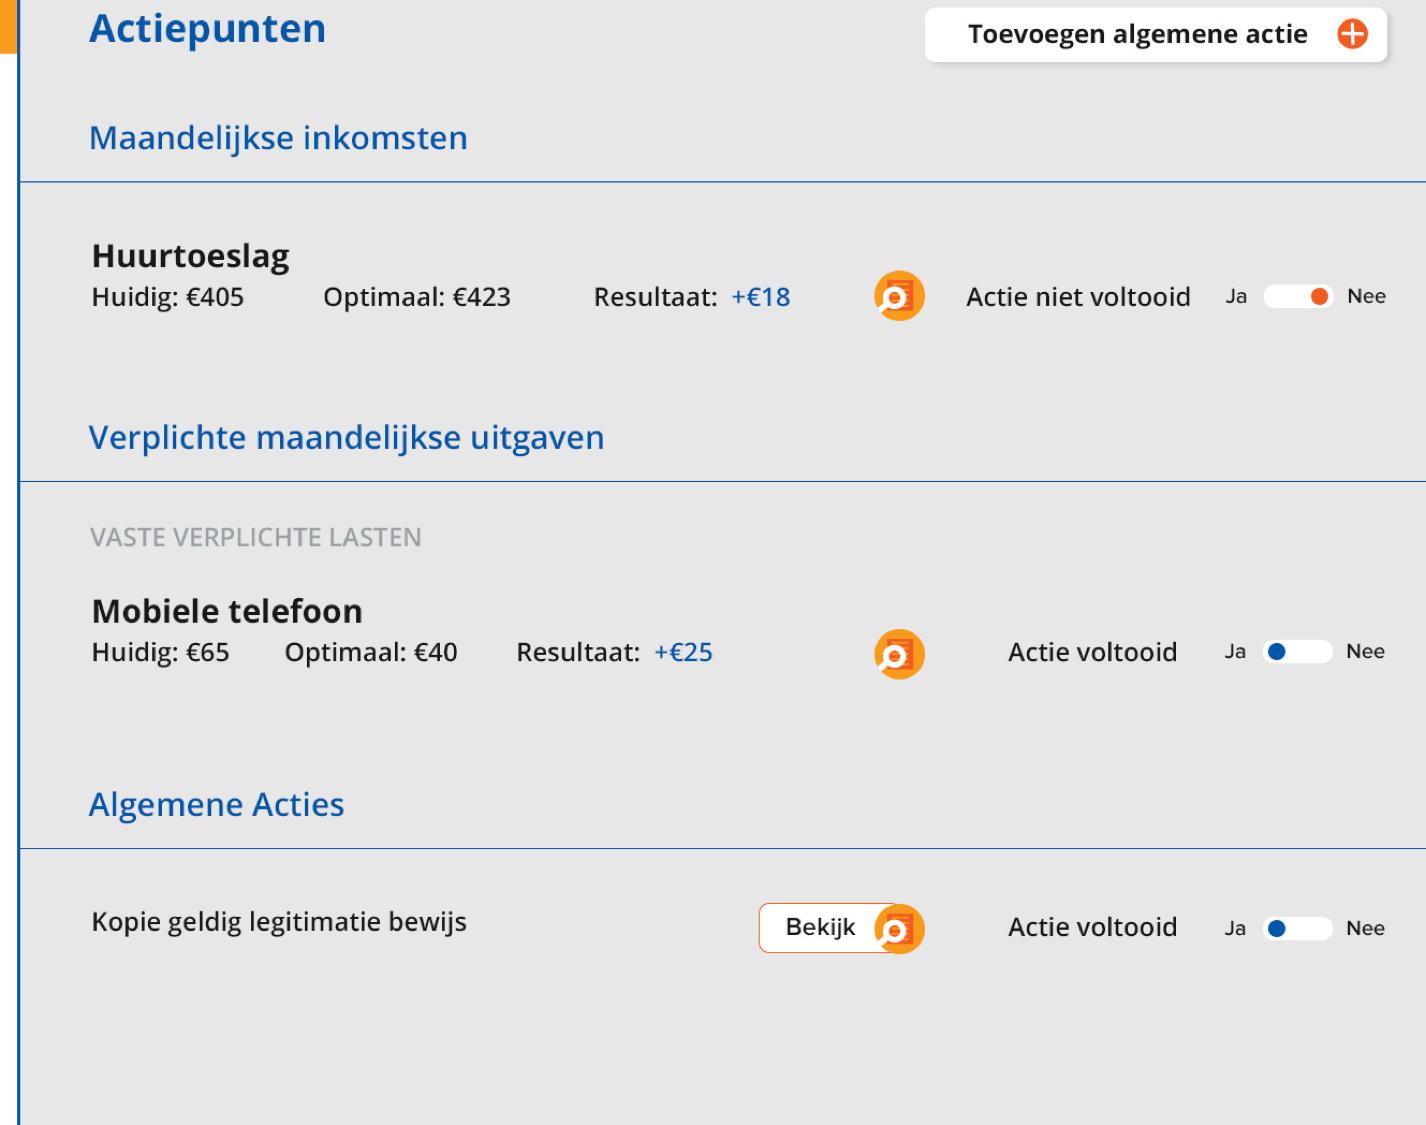 1.4.3-clientbudgetscan_actiepunten